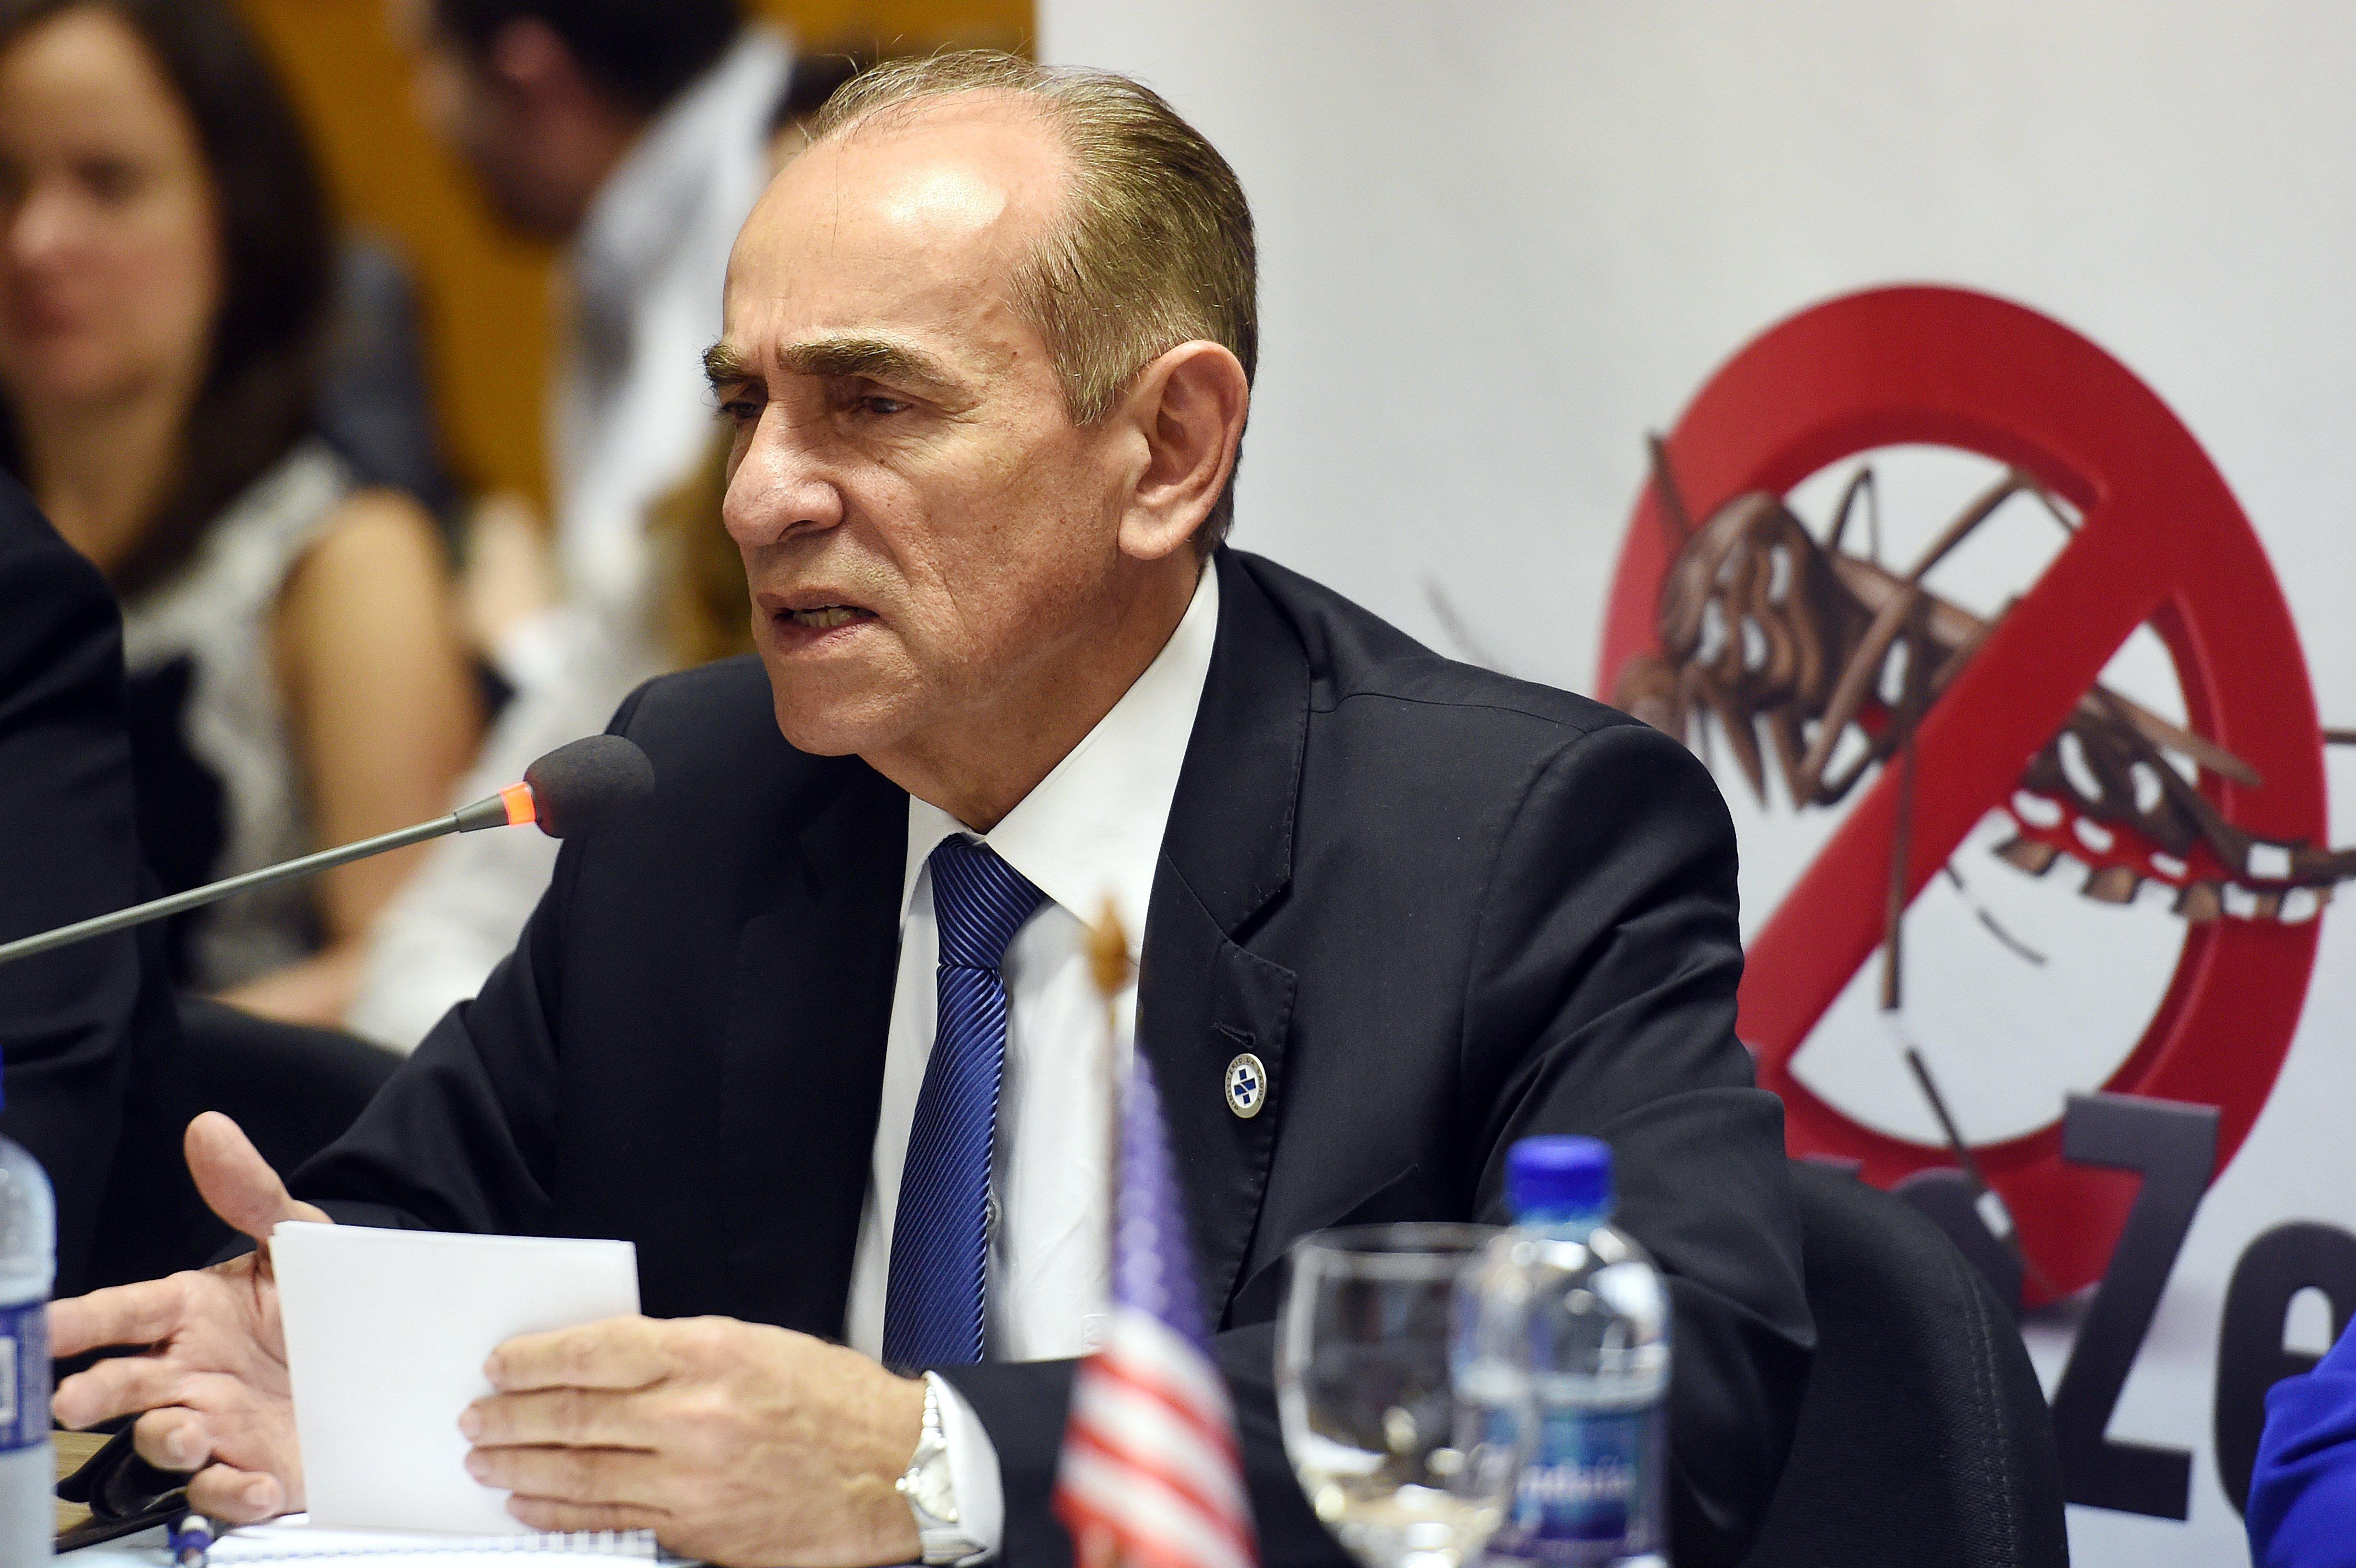 Brazilian Minister of Health Marcelo Castro speaks during a Brazil-U.S. meeting Thursday in Brasilia for a joint response against the Zika virus outbreak.